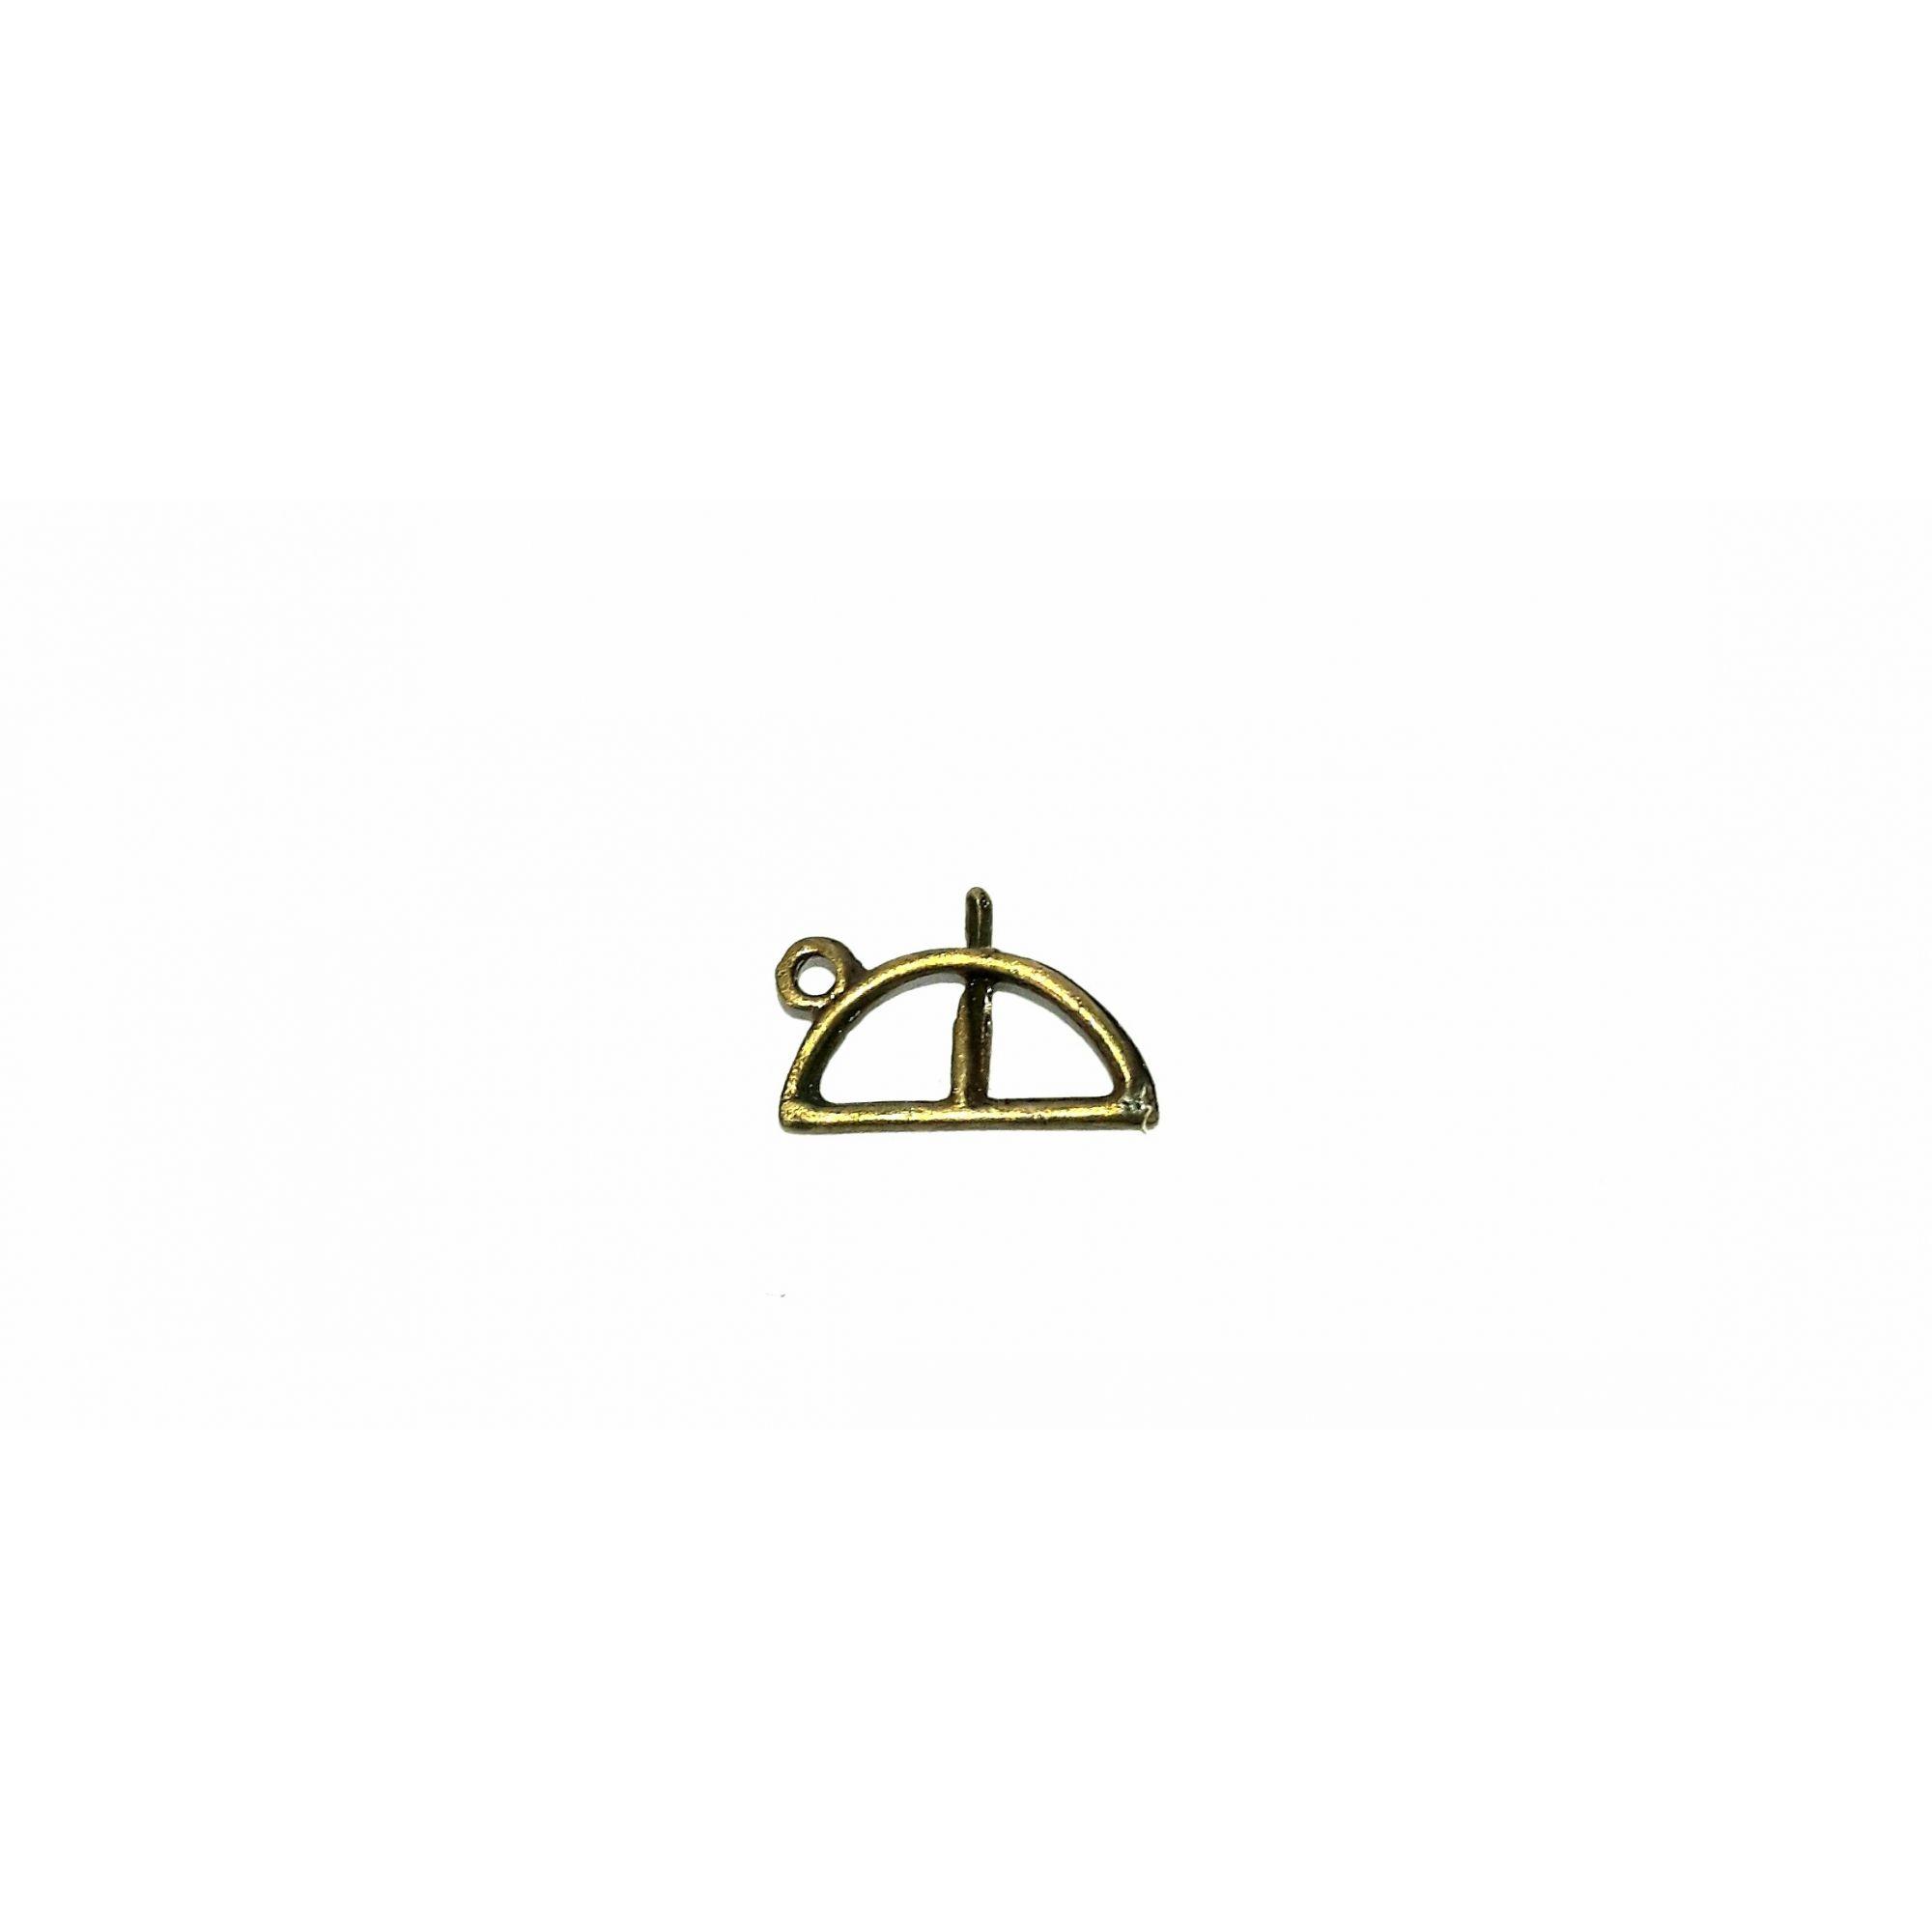 Arco e Flecha Oxóssi (Pequeno) - PING111